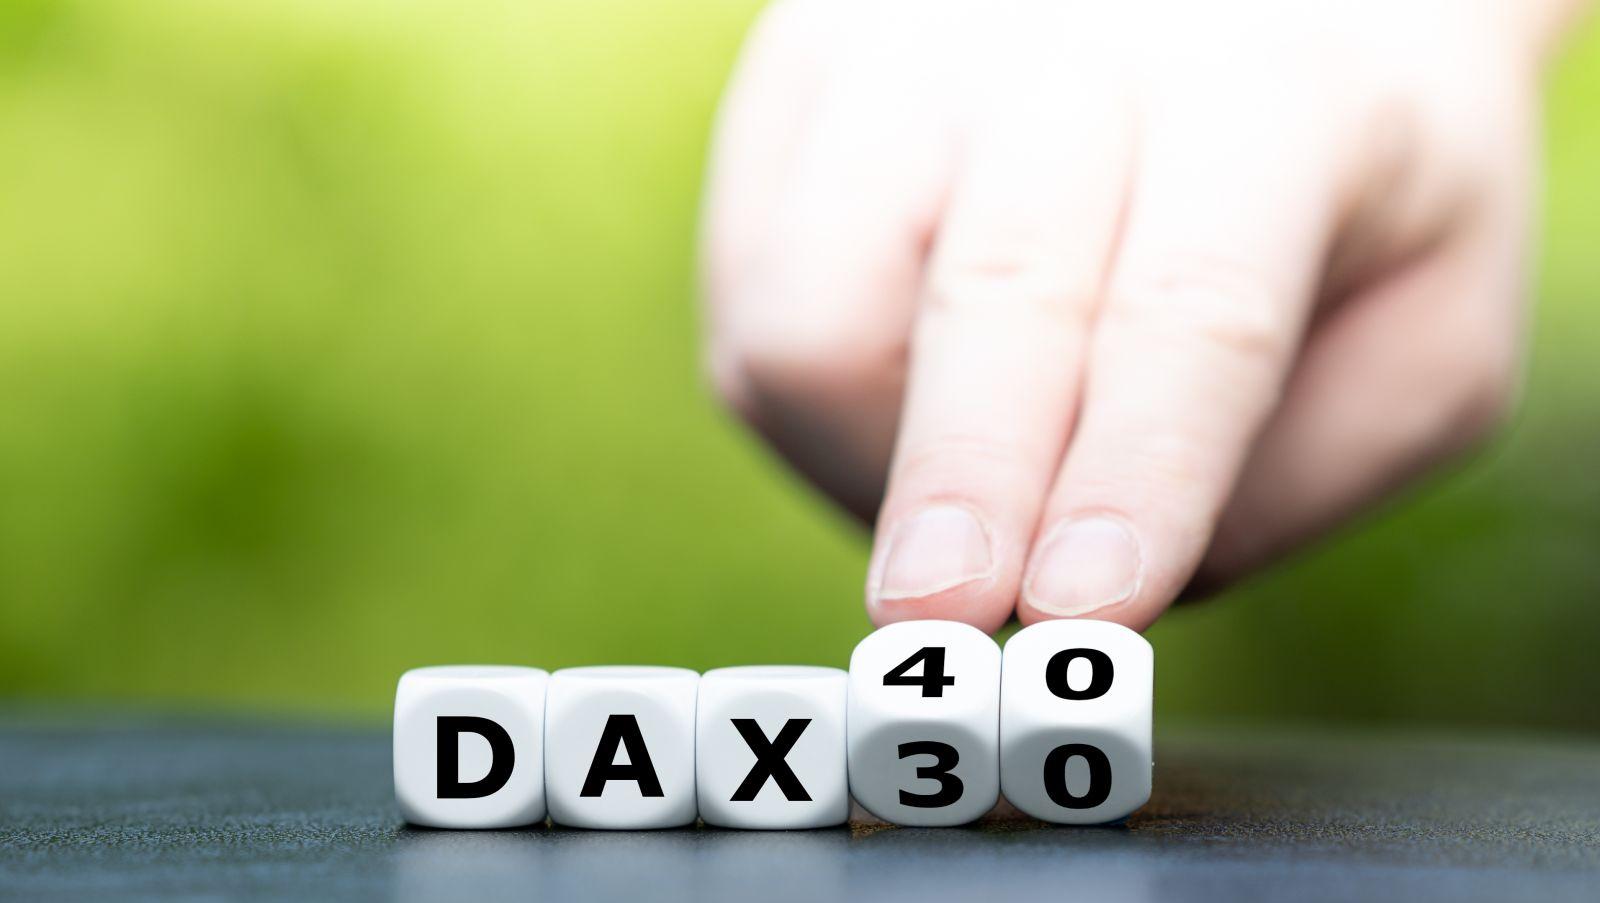 30 éve nem látott változás jön a DAX indexnél